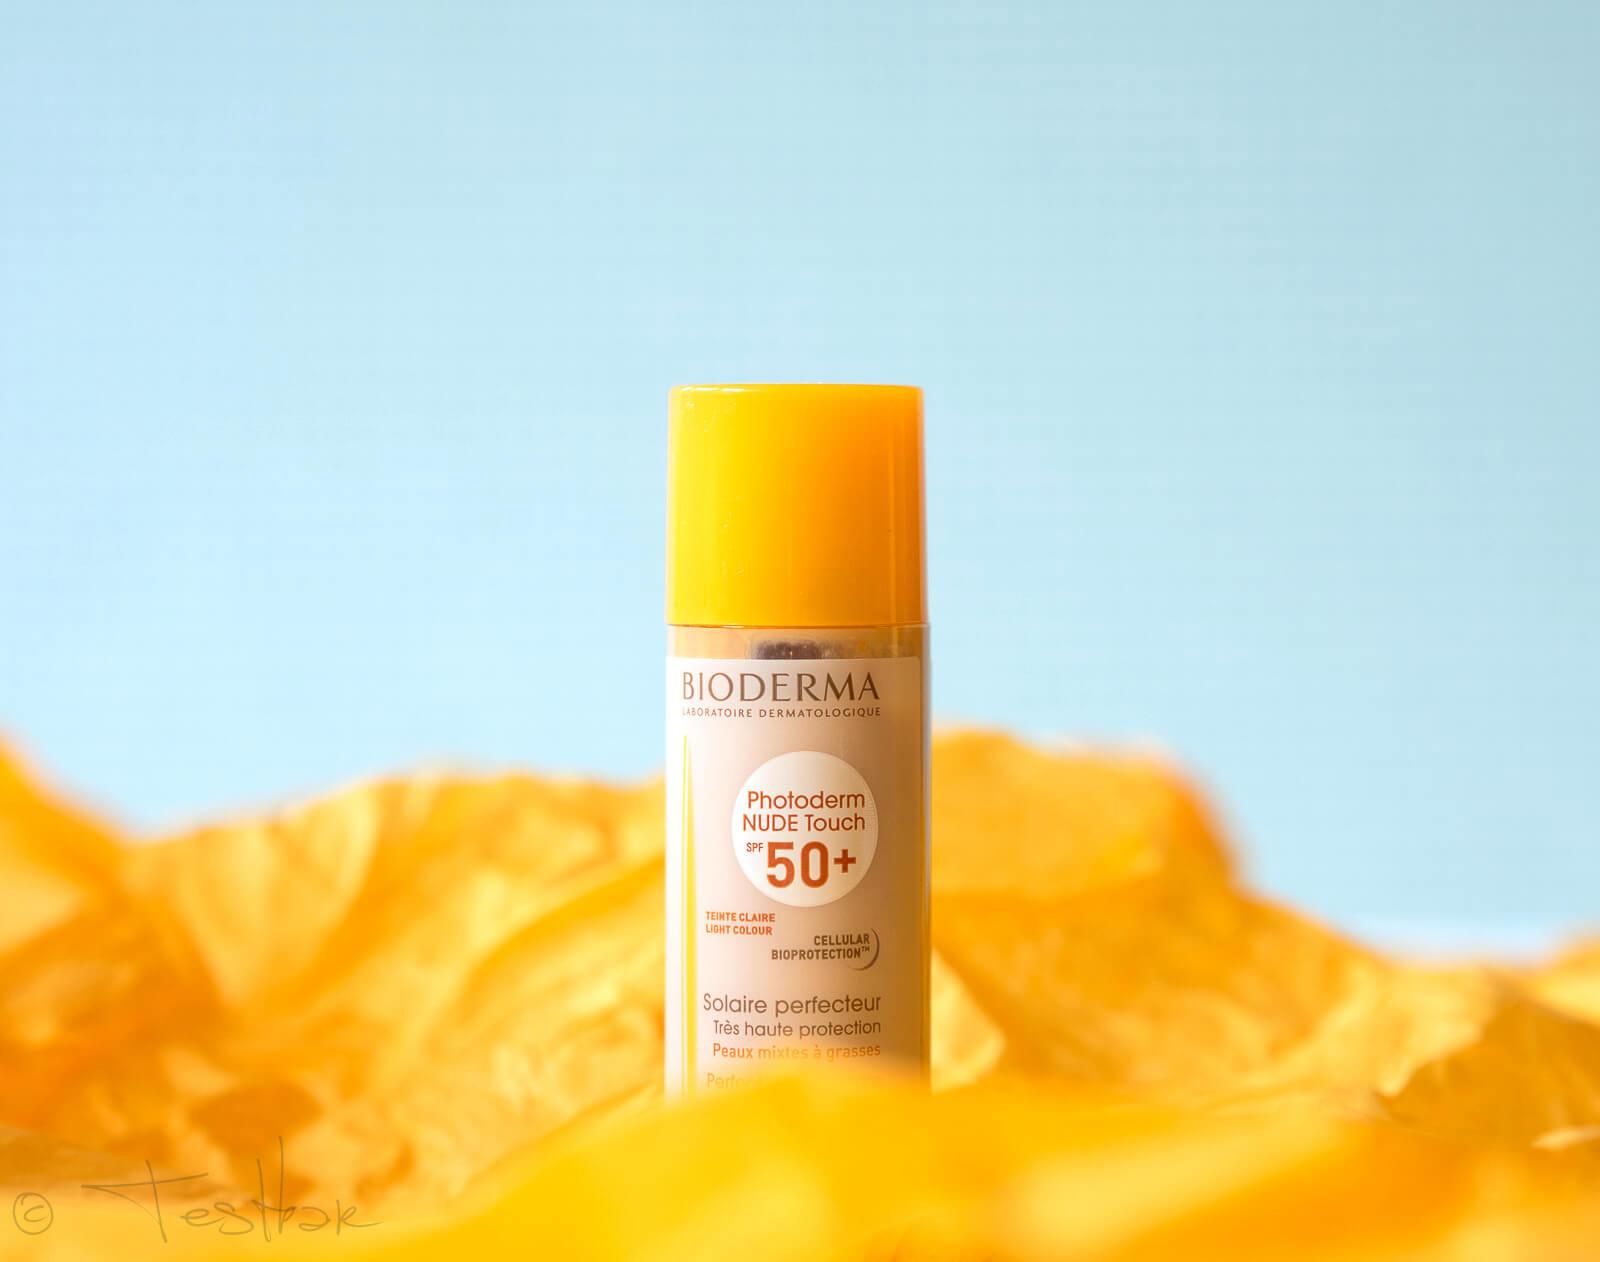 NEU - Mineralisches Sonnenschutz Make-up mit 8h Matt-Effekt - Photoderm NUDE Touch SPF 50+ von Bioderma